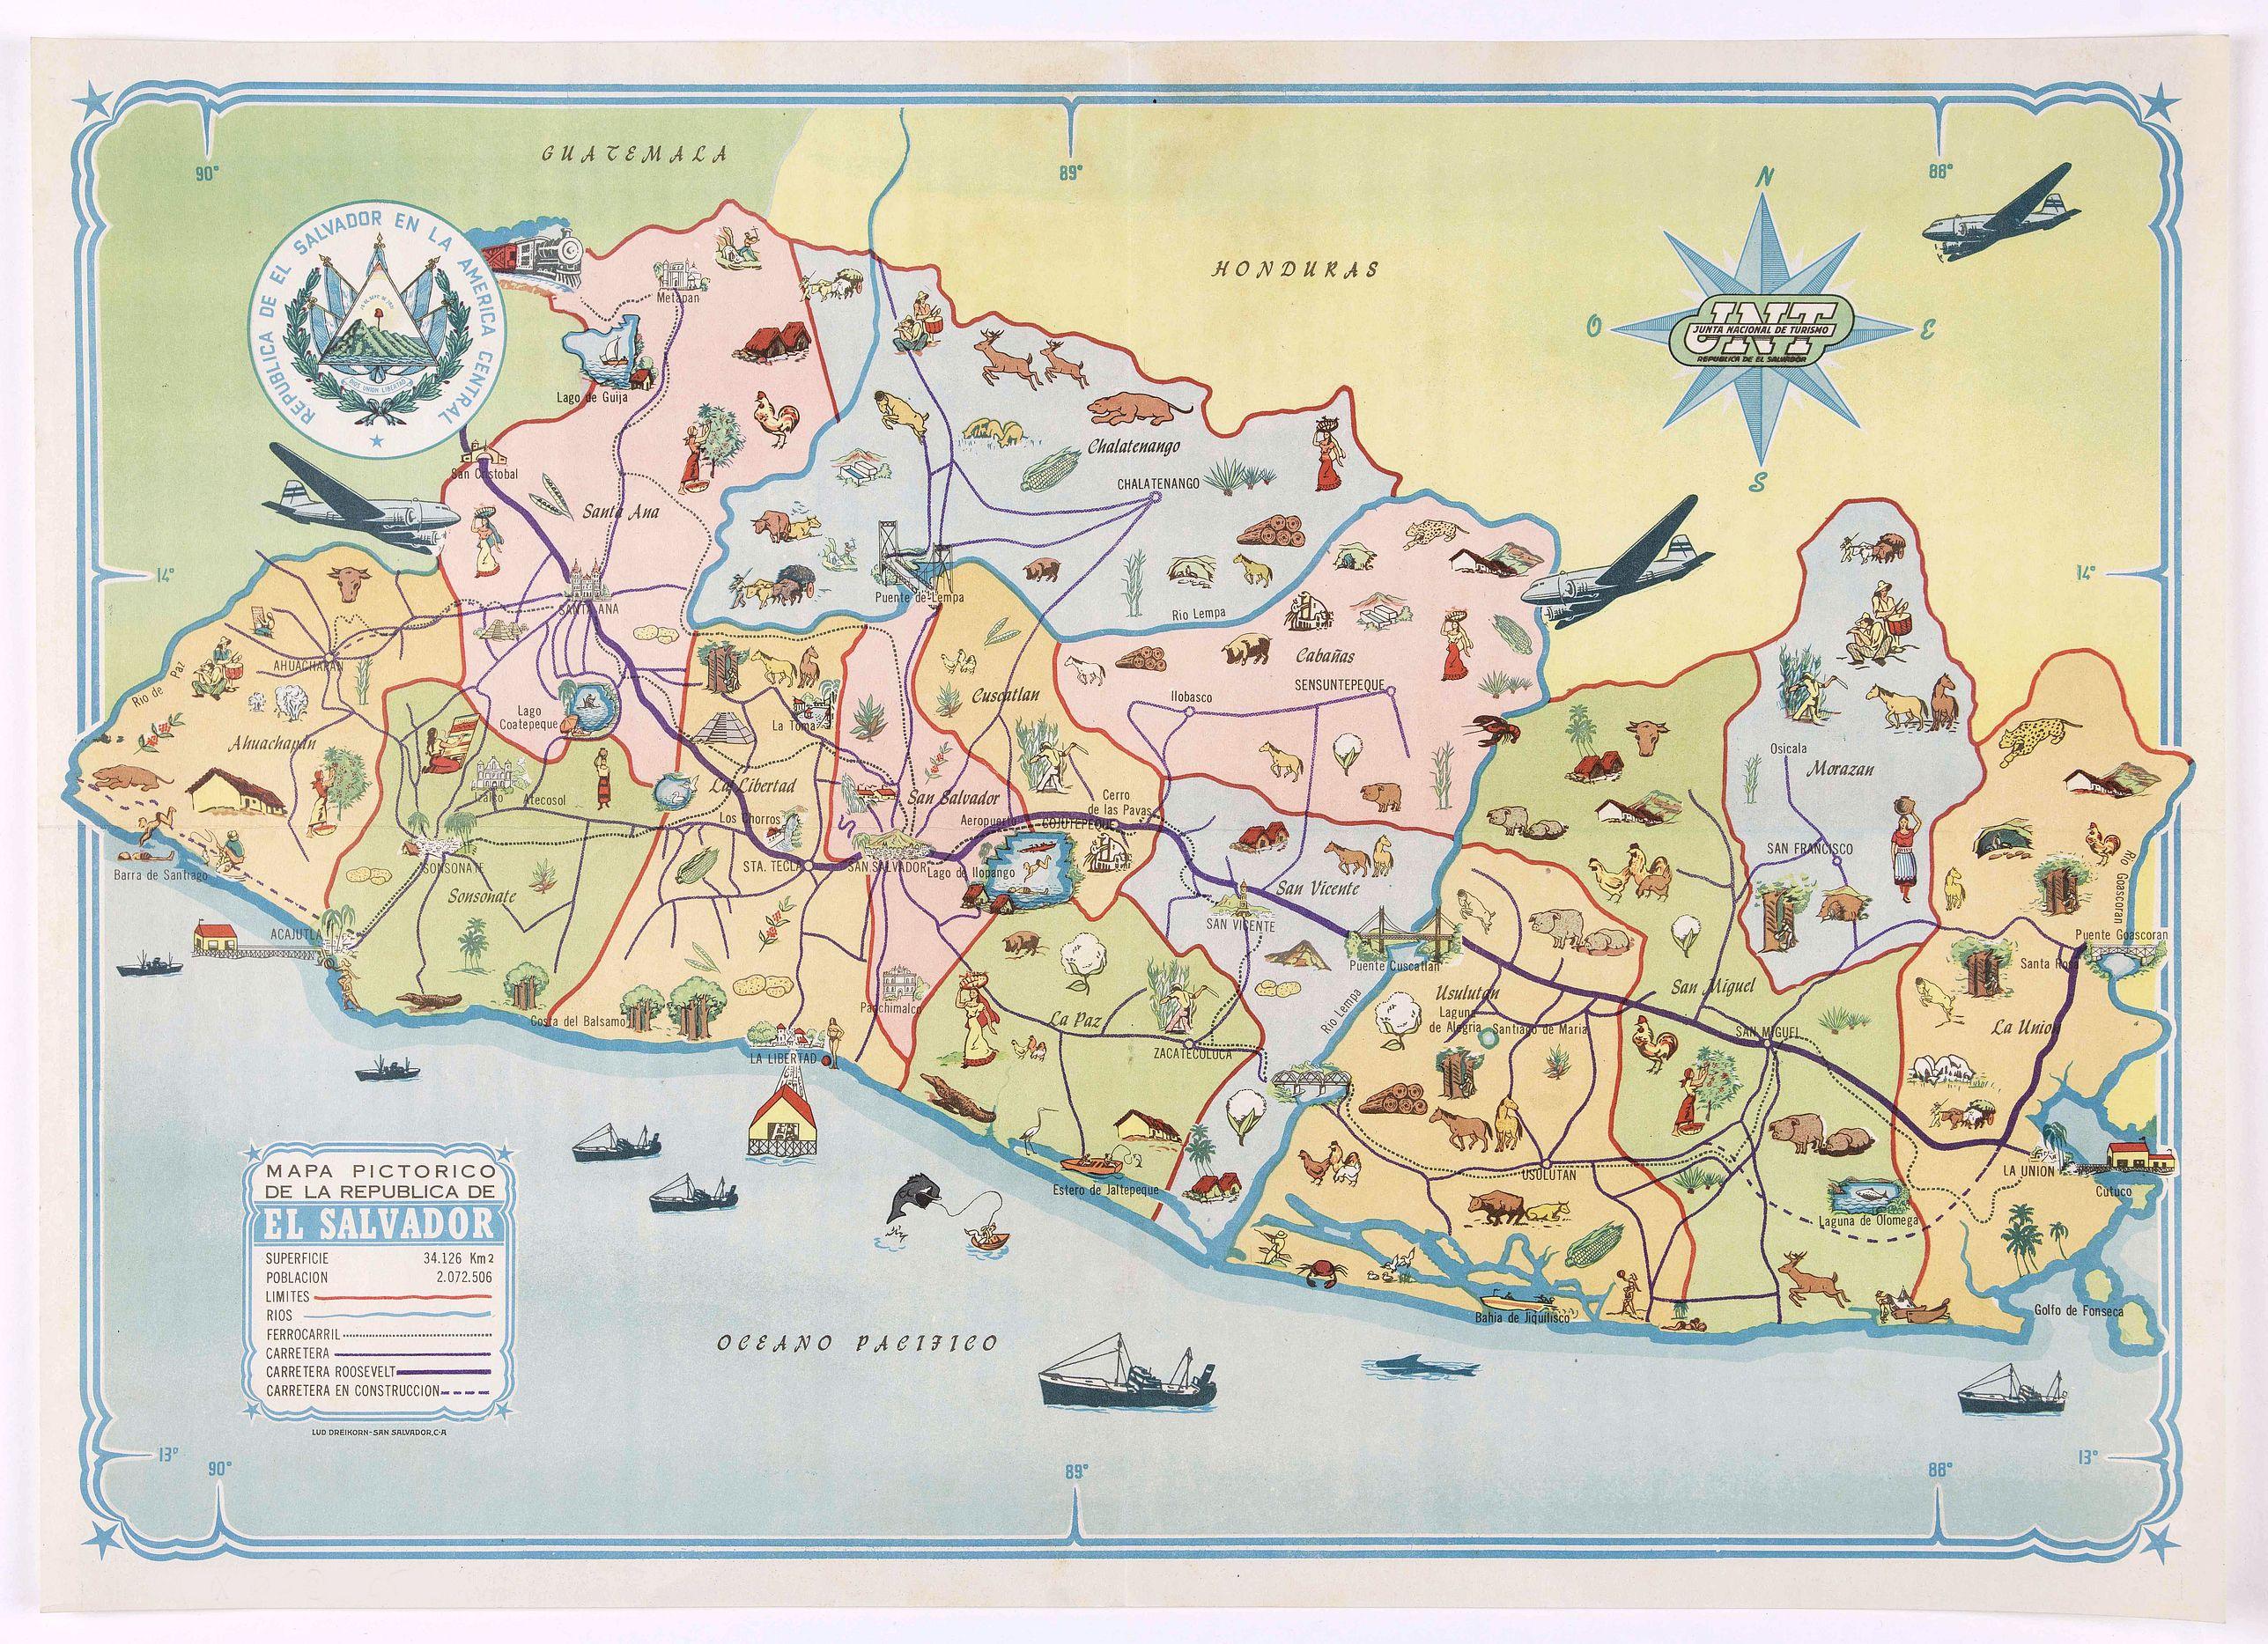 LUD DREIKORN - Mapa pictorico de la Republica de El Salvador.